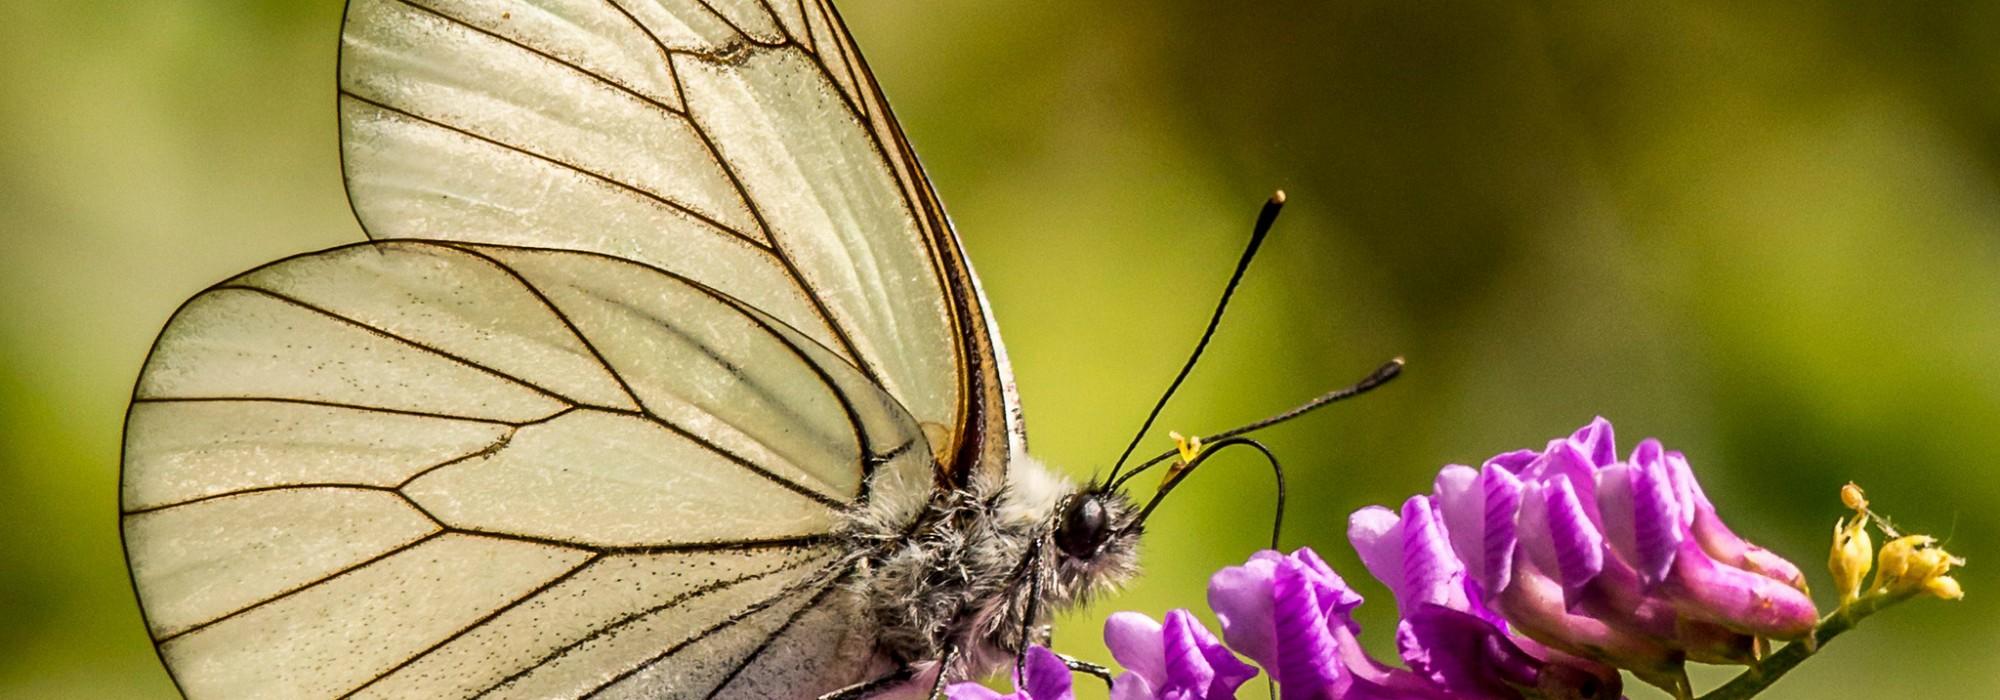 Le Papillon - Daniel Orts